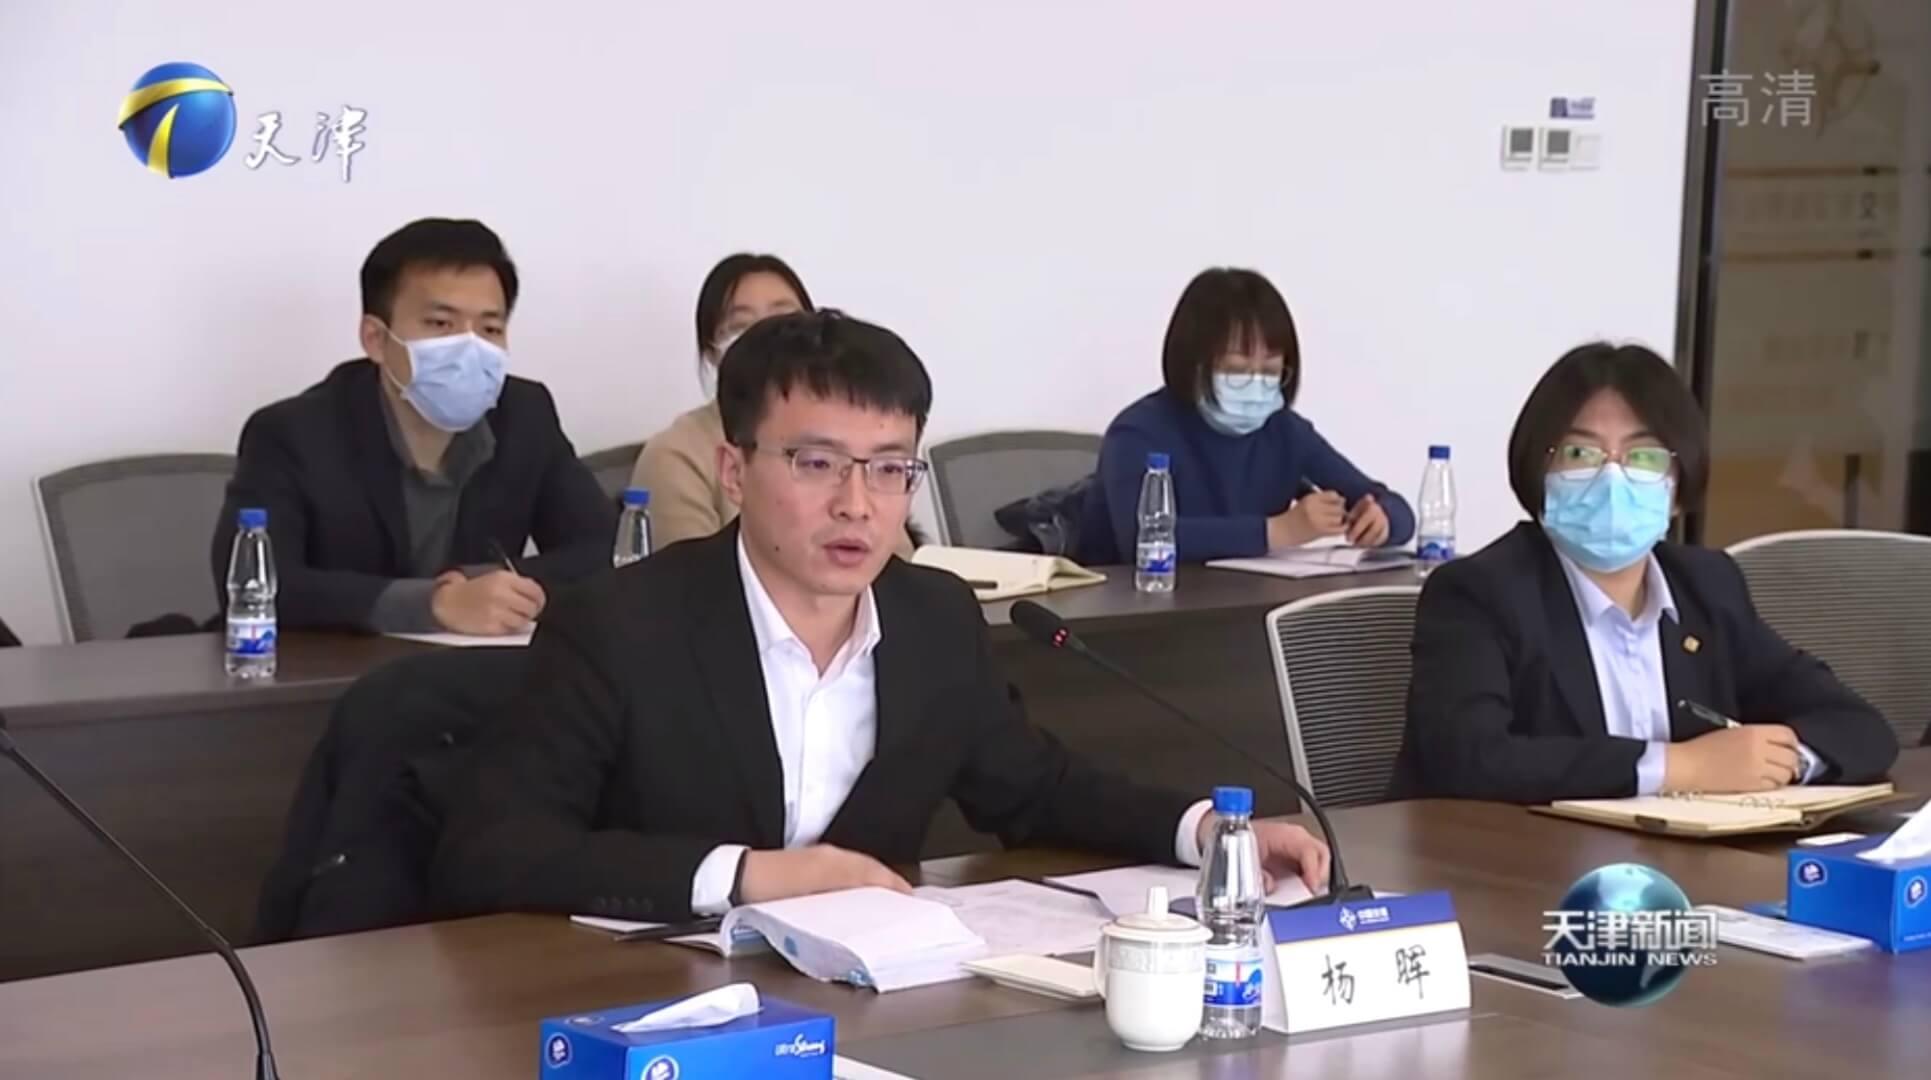 云账户董事长向全国政协副主席辜胜阻汇报企业发展情况 11